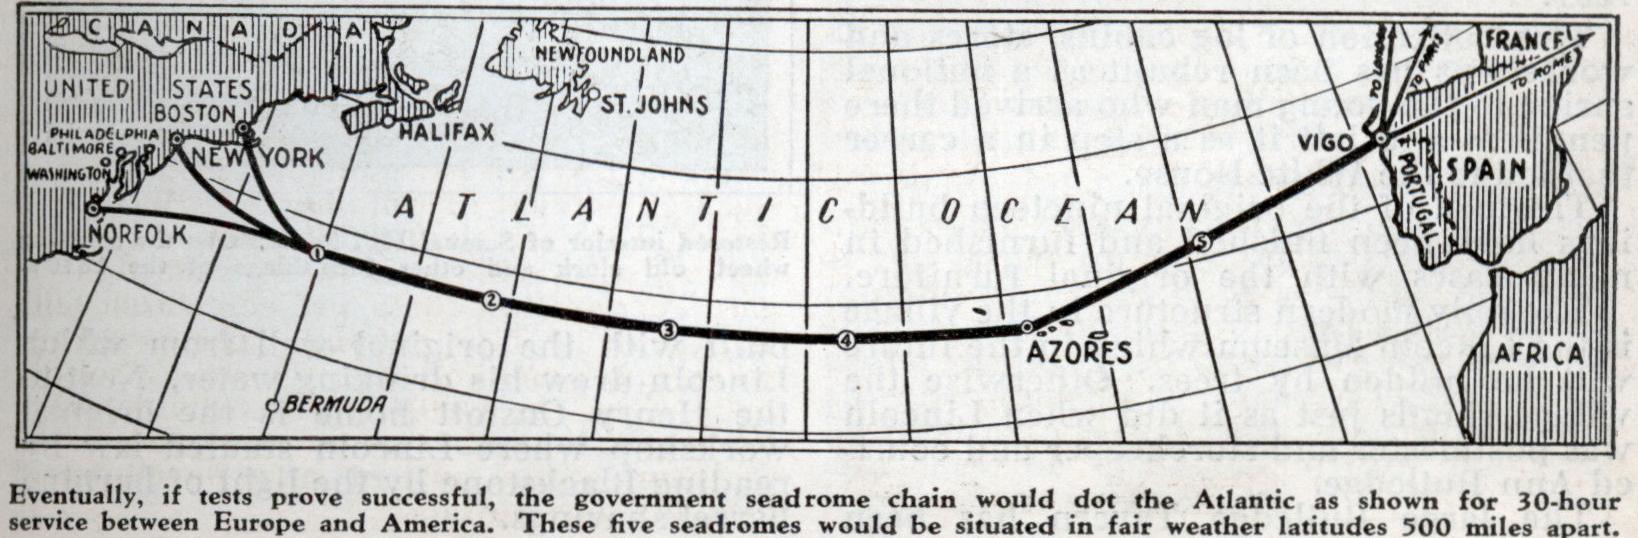 A ruta do proxecto de Armstrong entre Nova York e Vigo con seadromes.